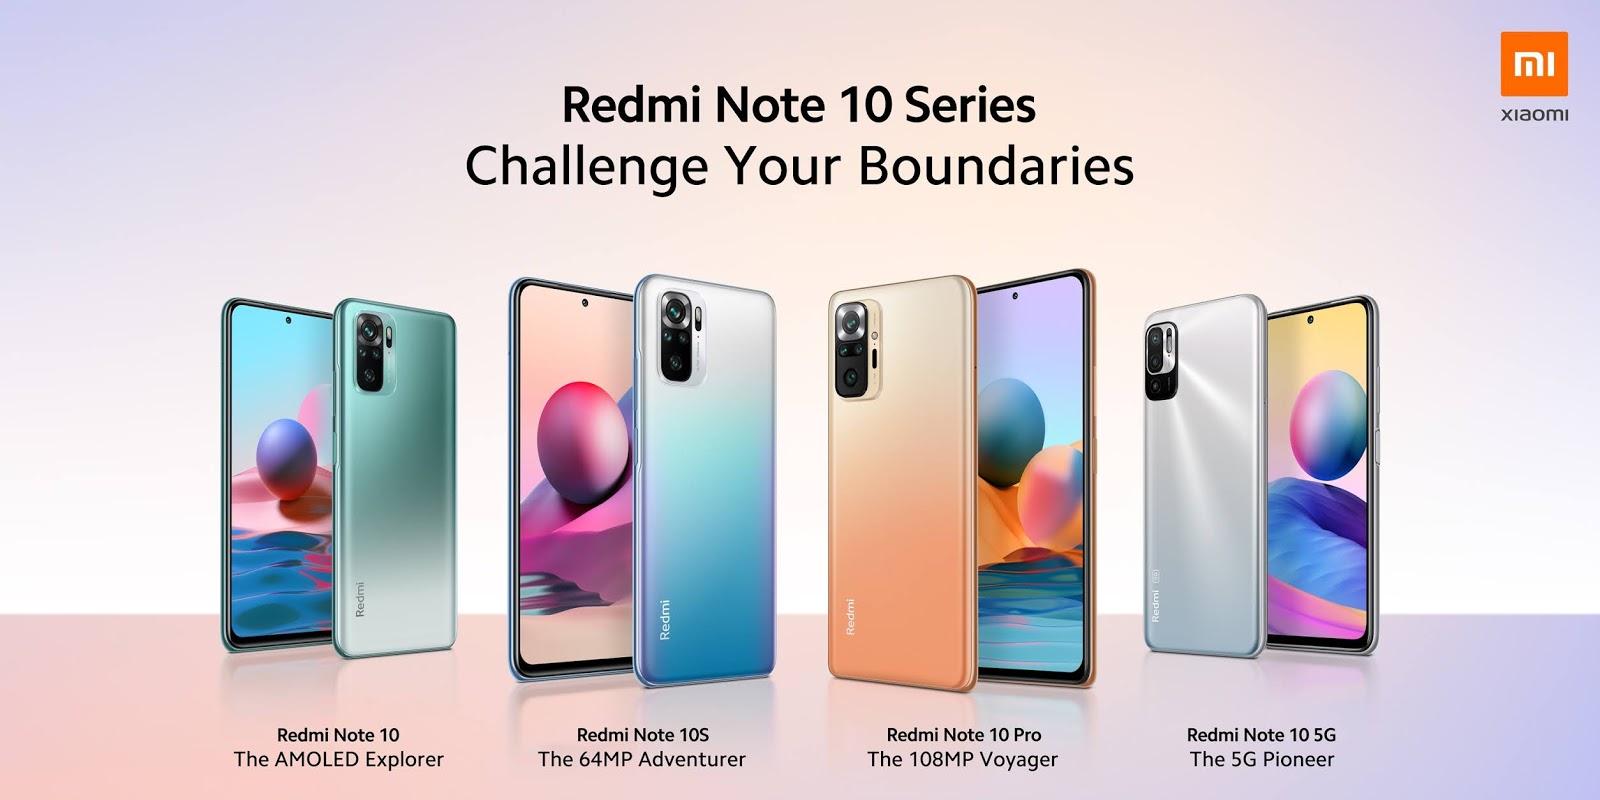 ท้าทายทุกข้อจำกัดของคุณไปกับ Redmi Note 10 Series ใหม่ล่าสุด